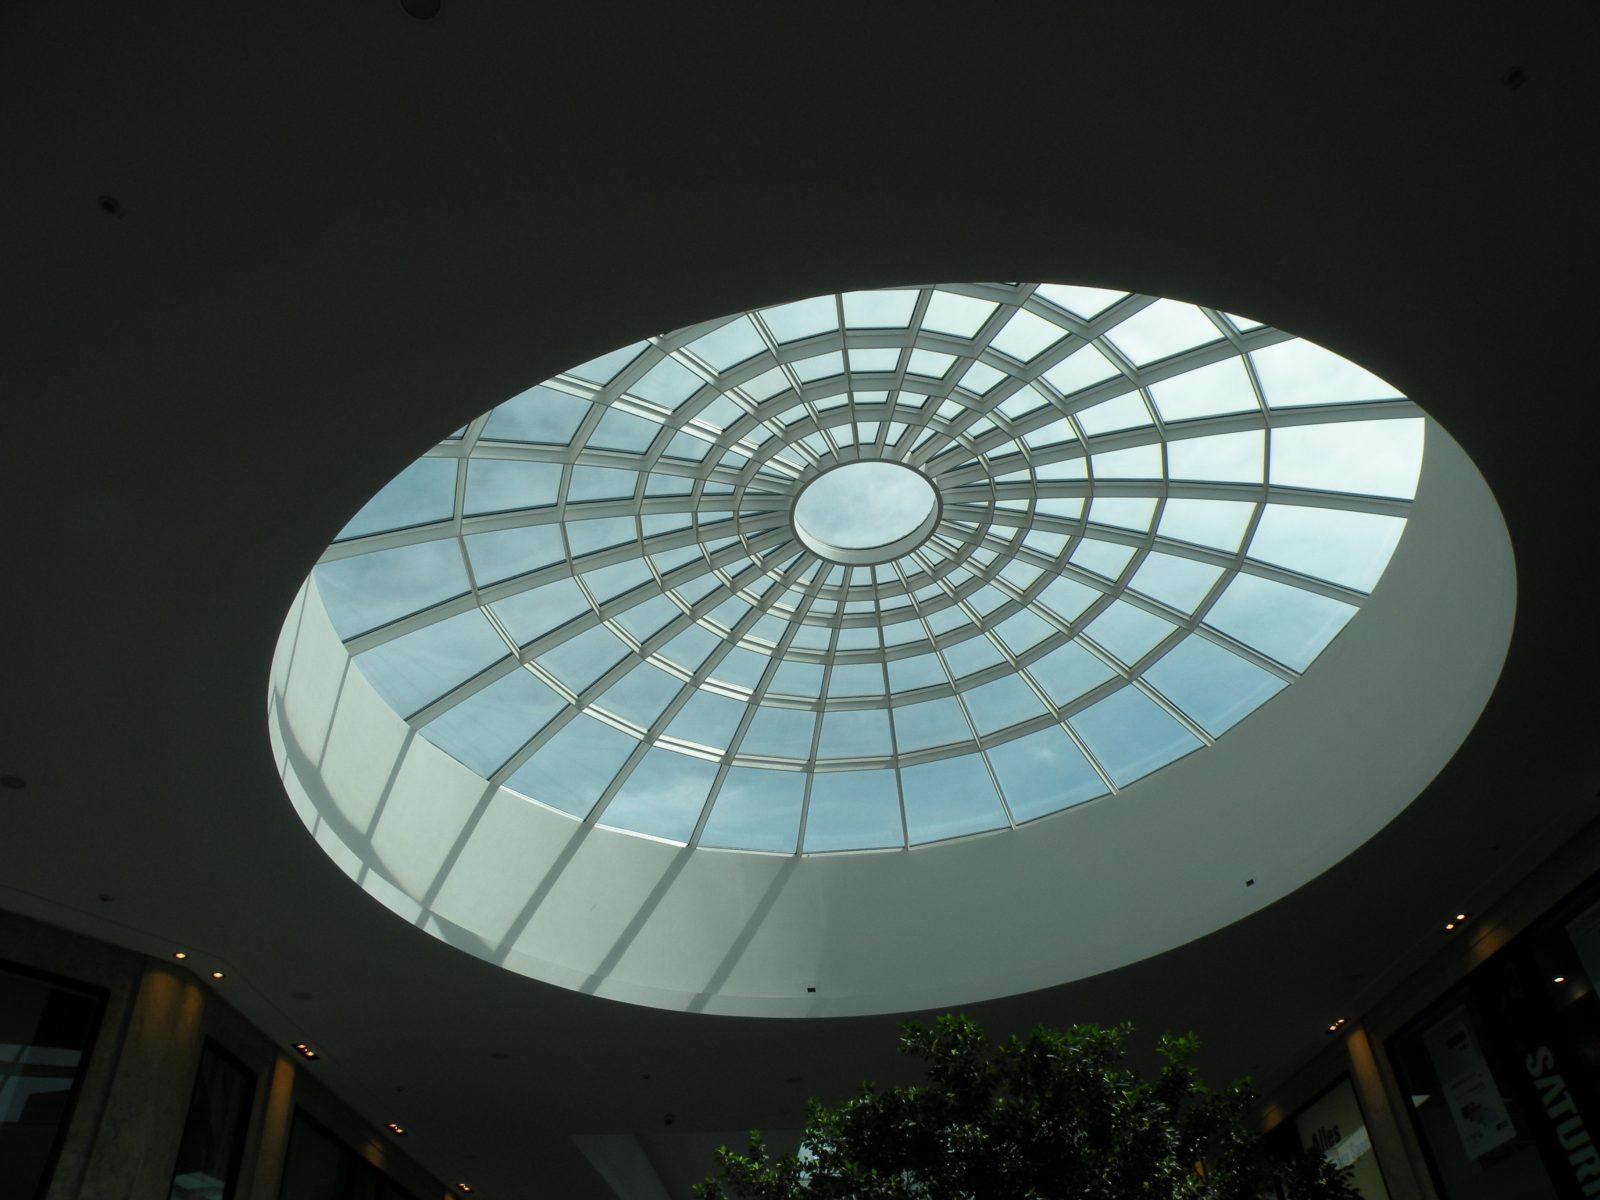 A-Z Architekten: Kleihues und Kleihues - Münster Arkaden - Foto: Stefan Rethfeld